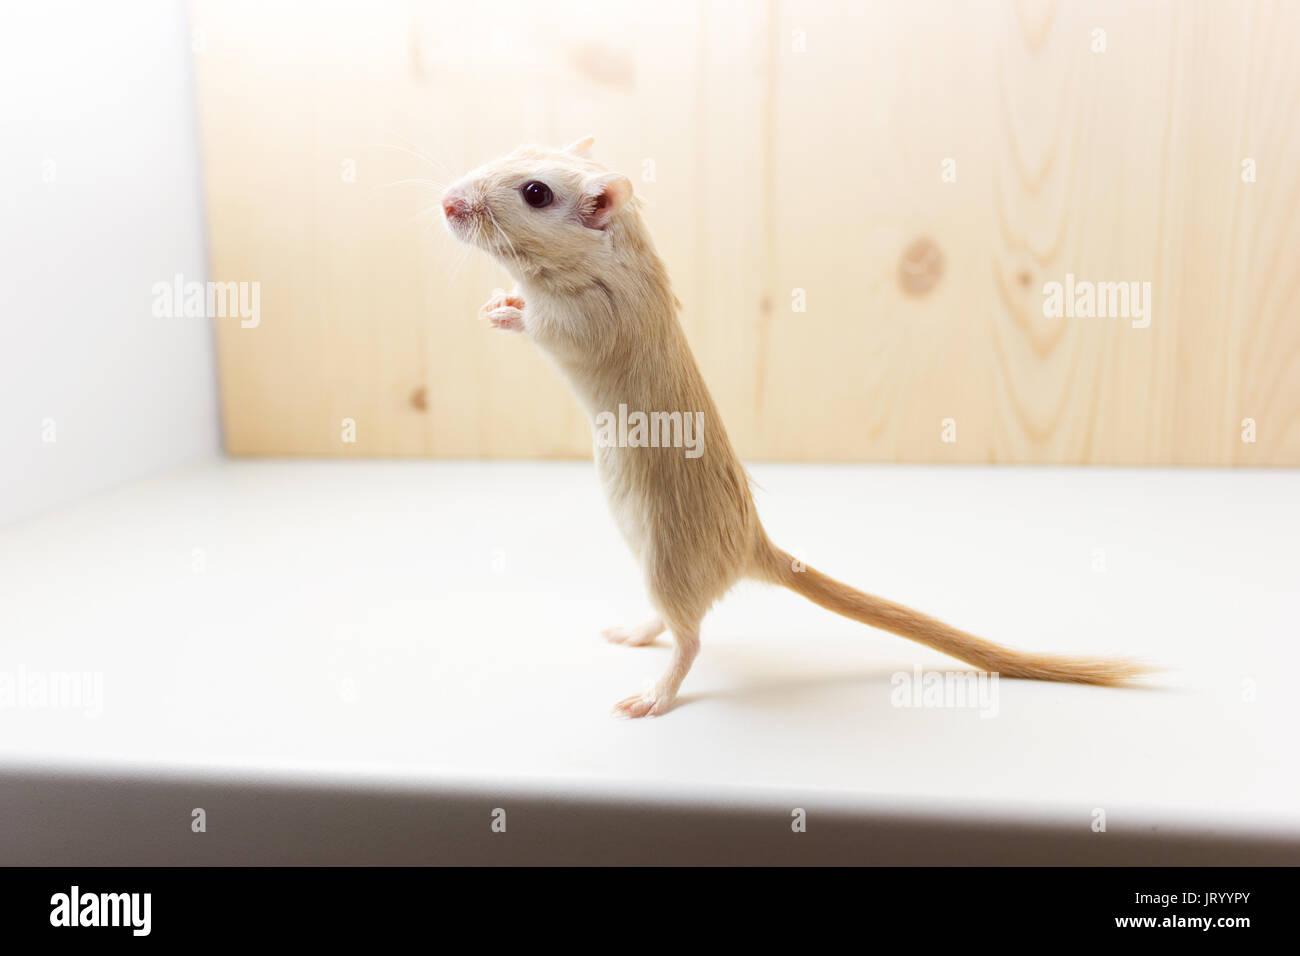 Flauschige baby Der rennmaus auf neutralem Hintergrund Stockbild